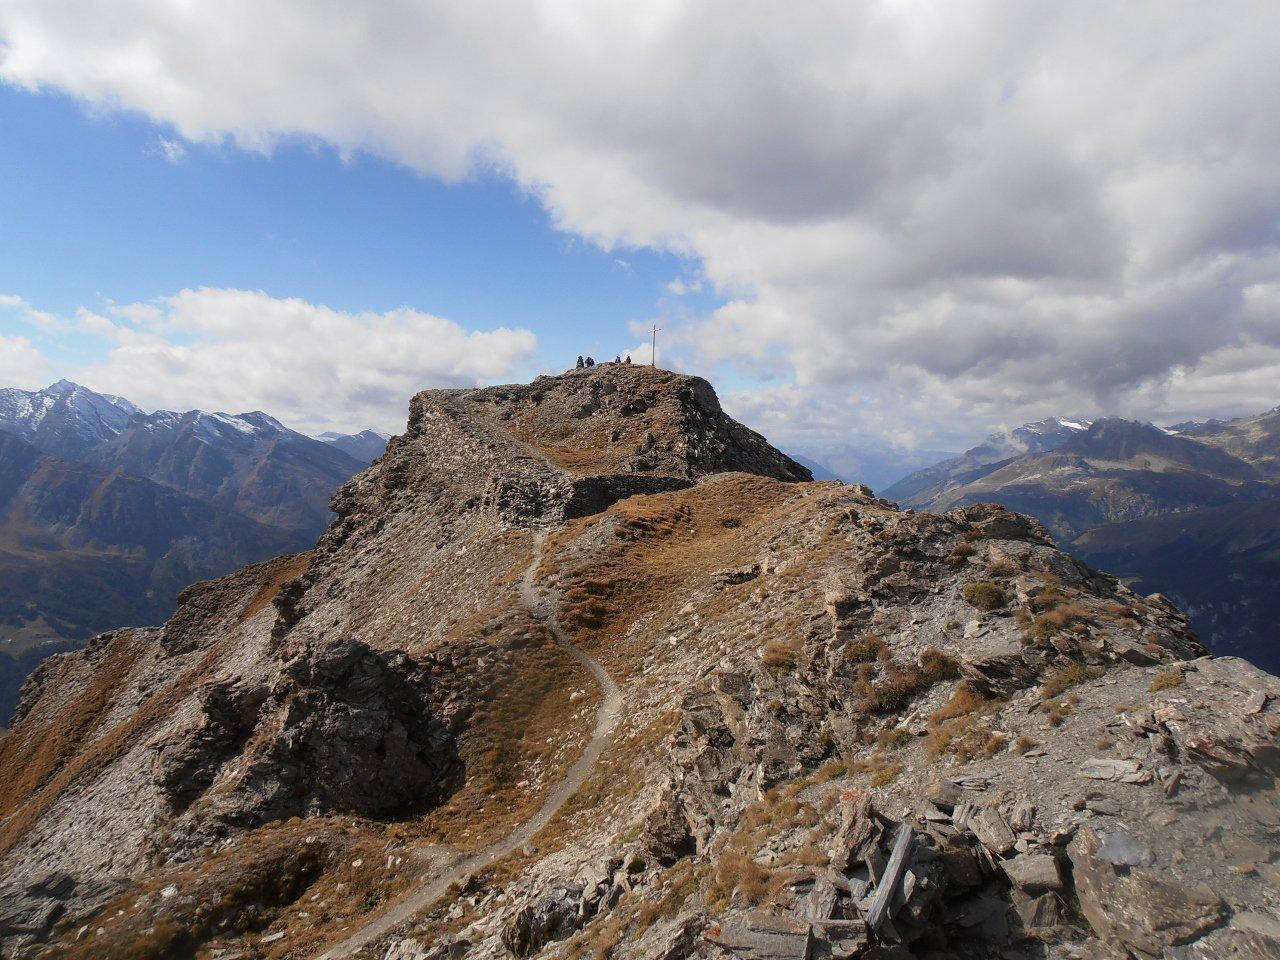 Froid (Mont) dal Refuge du Petit Mont Cenis 2016-10-02